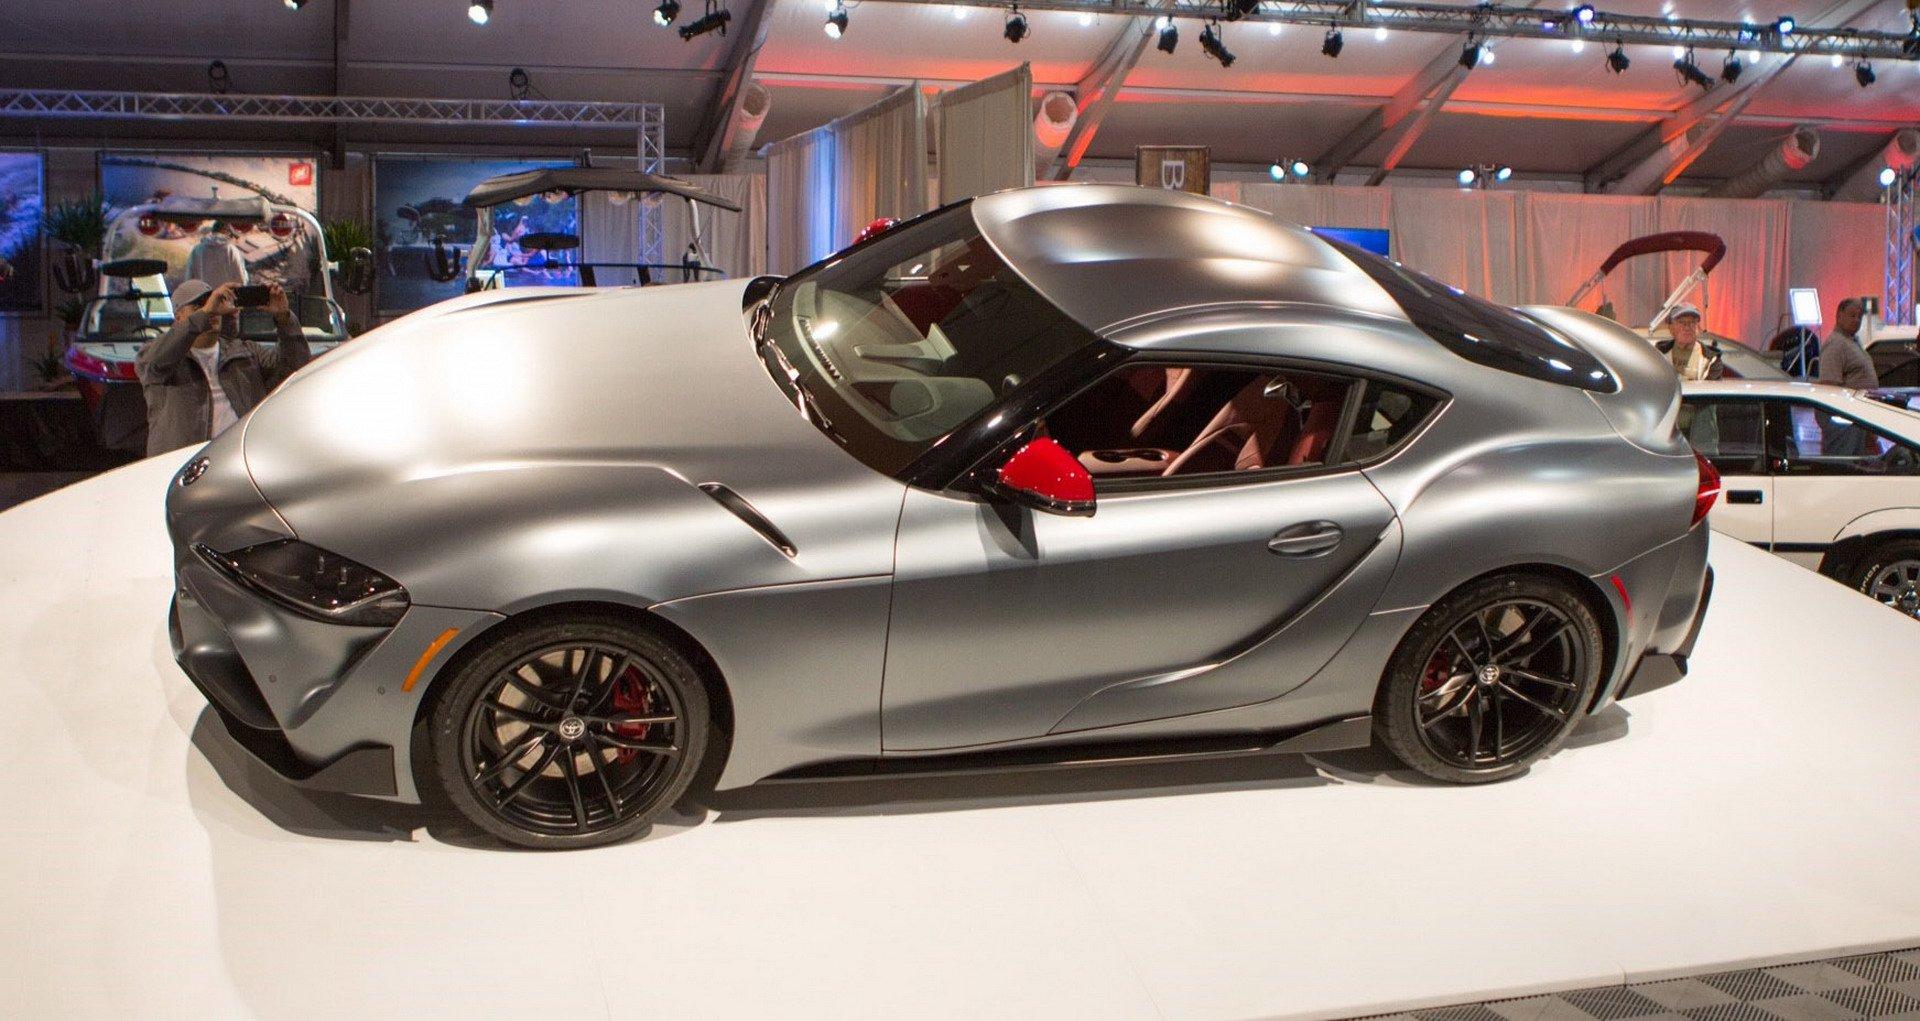 تويوتا Supra 2020 تباع مقابل مبلغ لايصدق تعرف عليها عبر هذا المقال